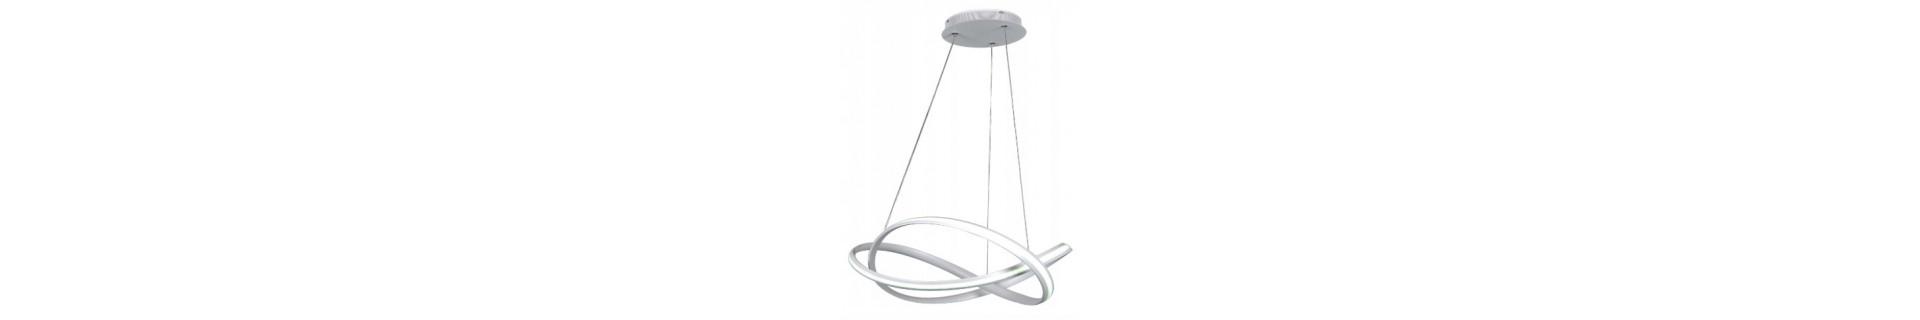 Oświetlenie do sypialni - Lampy Wobako.pl